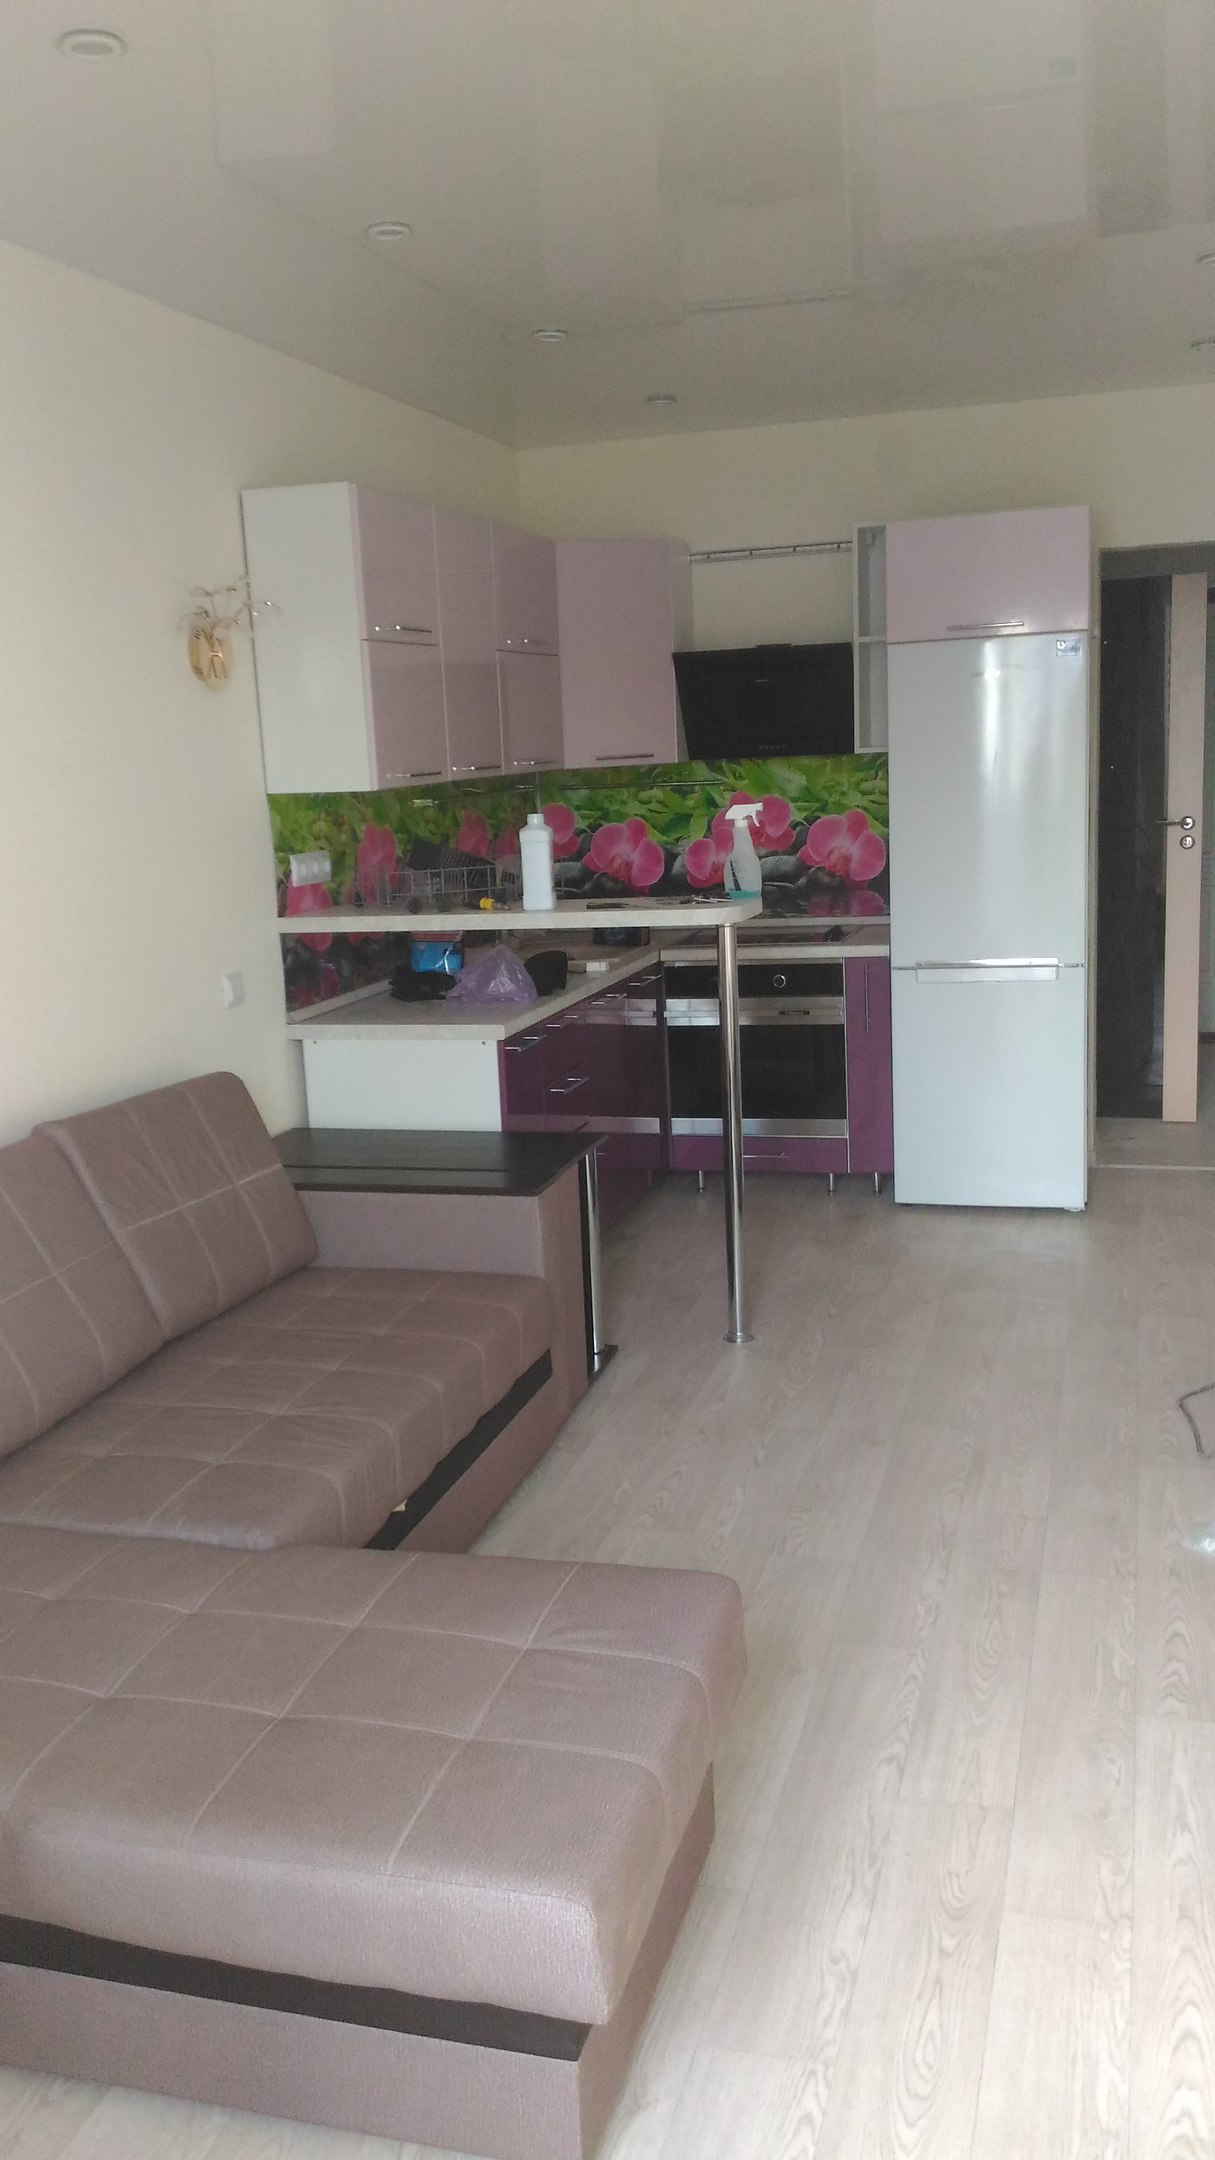 Квартира студия в Новосибирске в панельном доме 14/17эт.